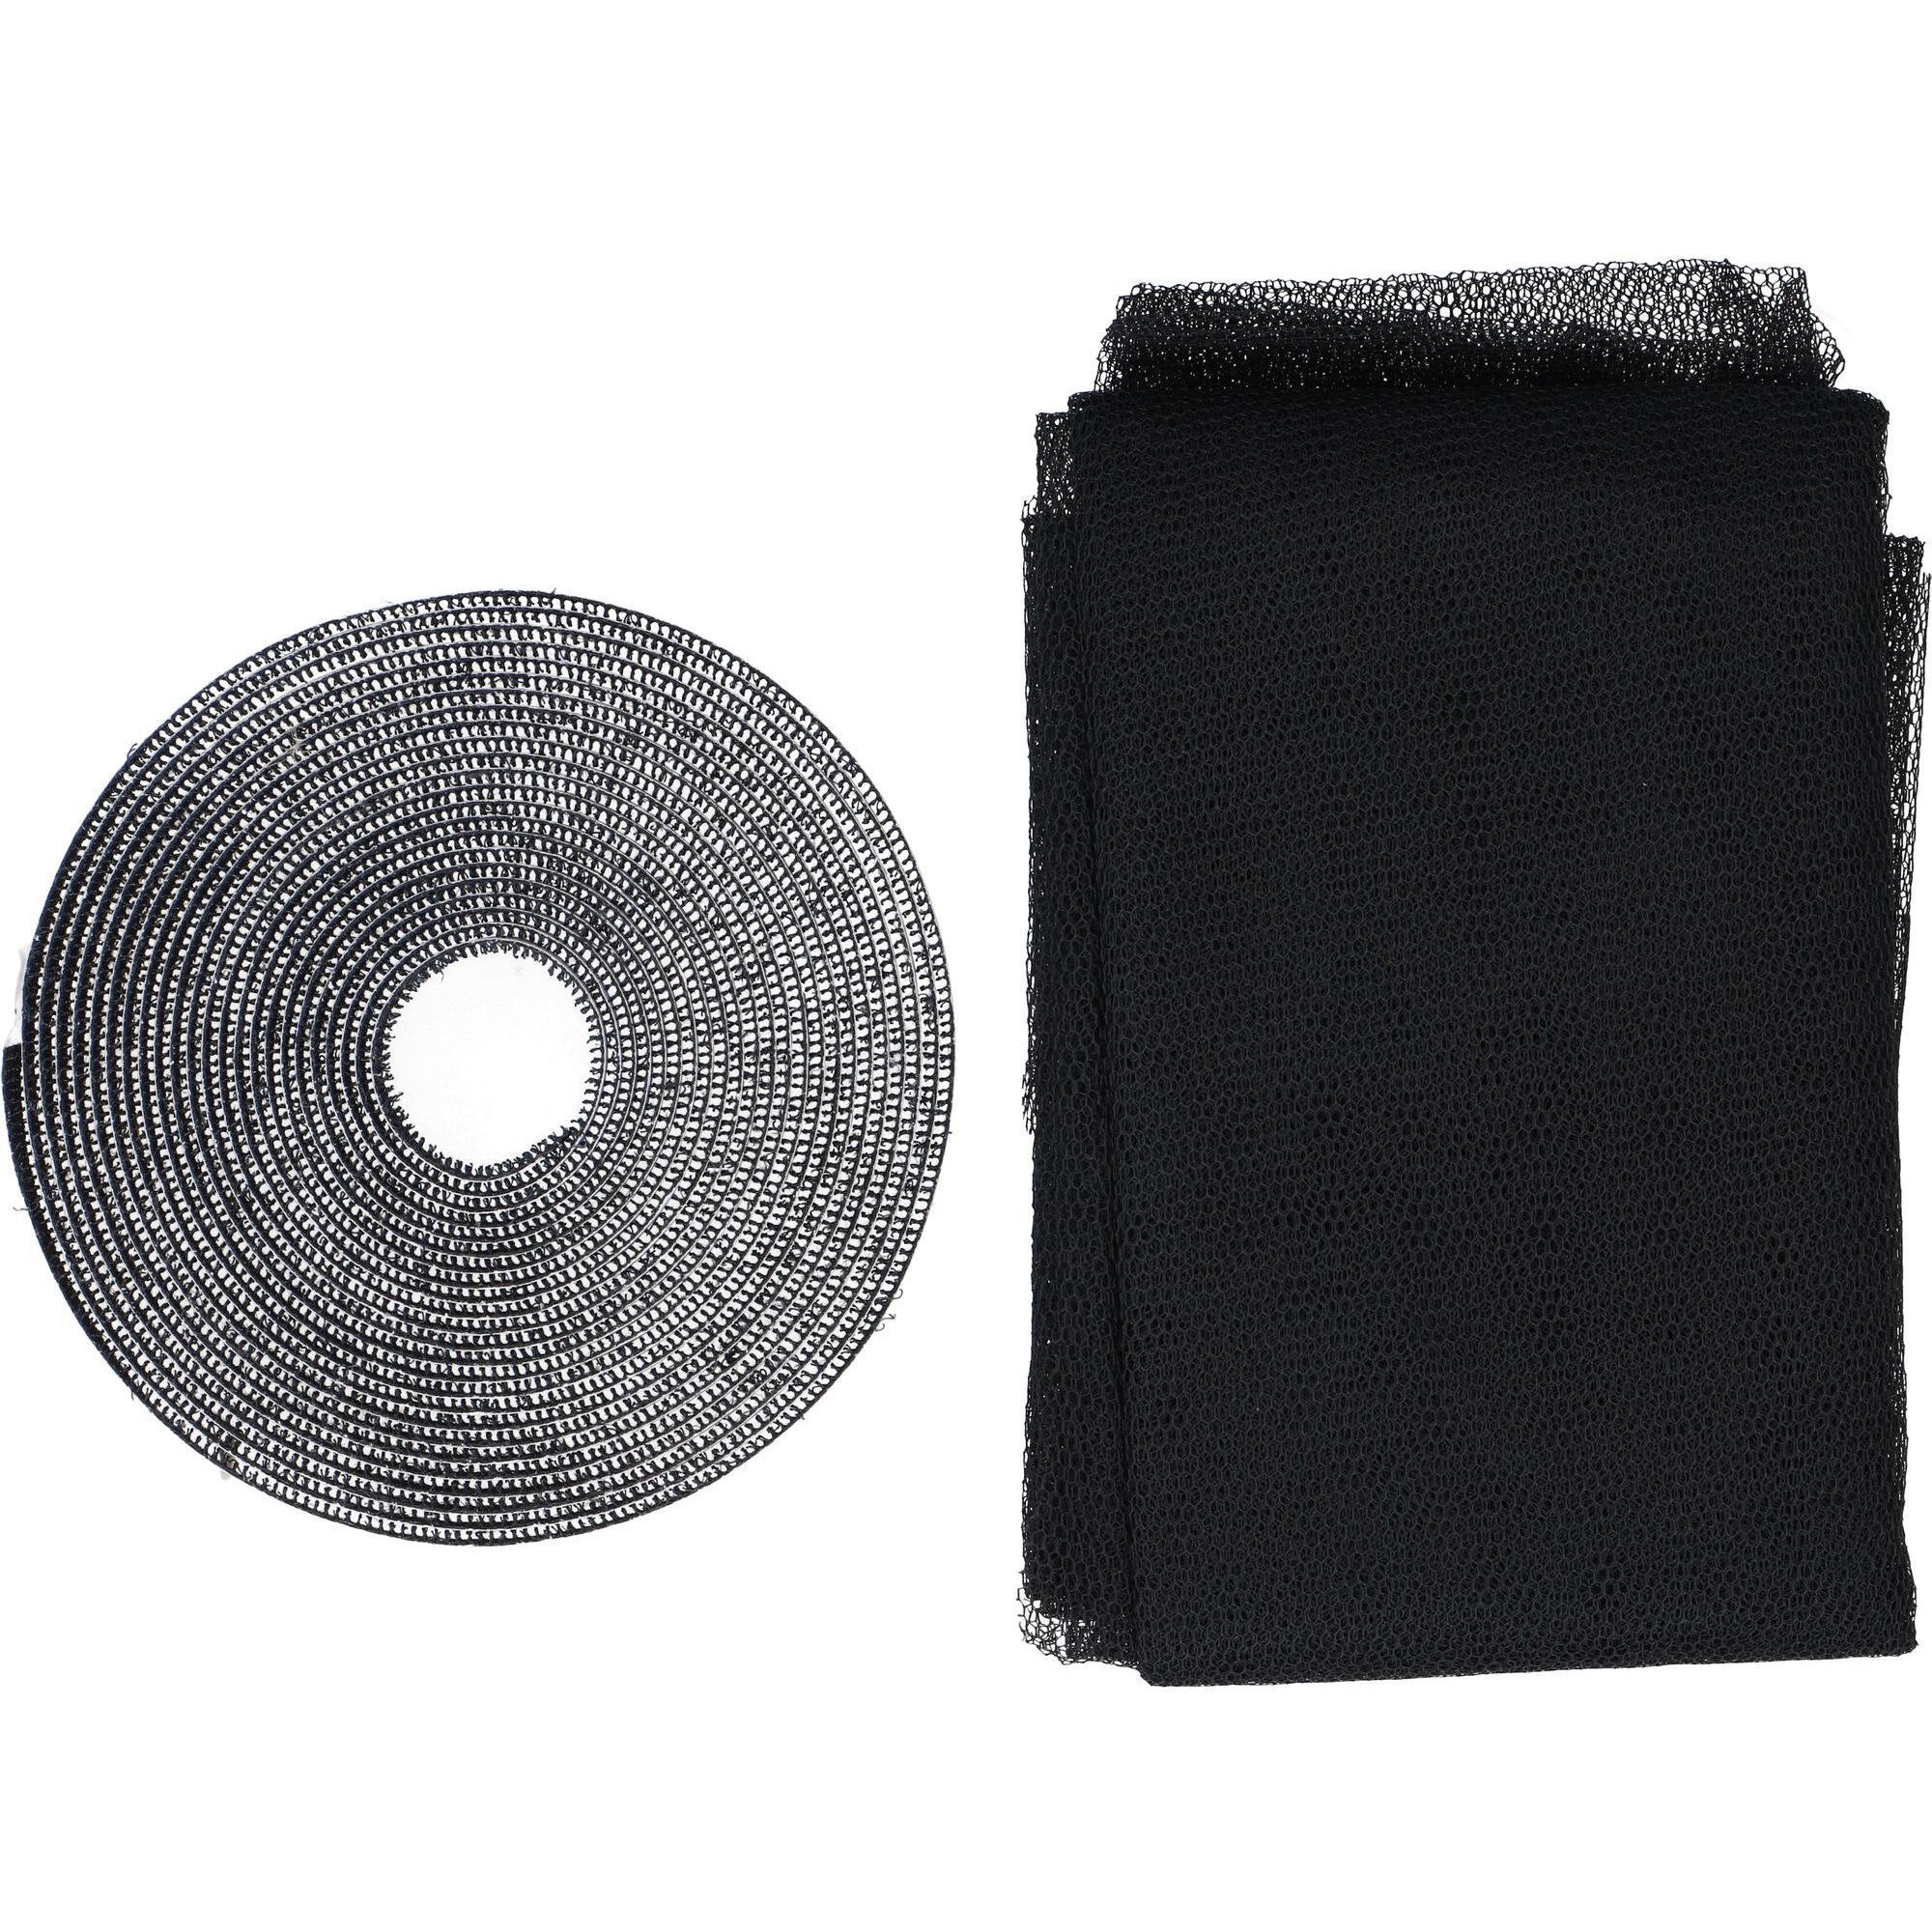 4x Opzet hor zwart 150 x 130 cm